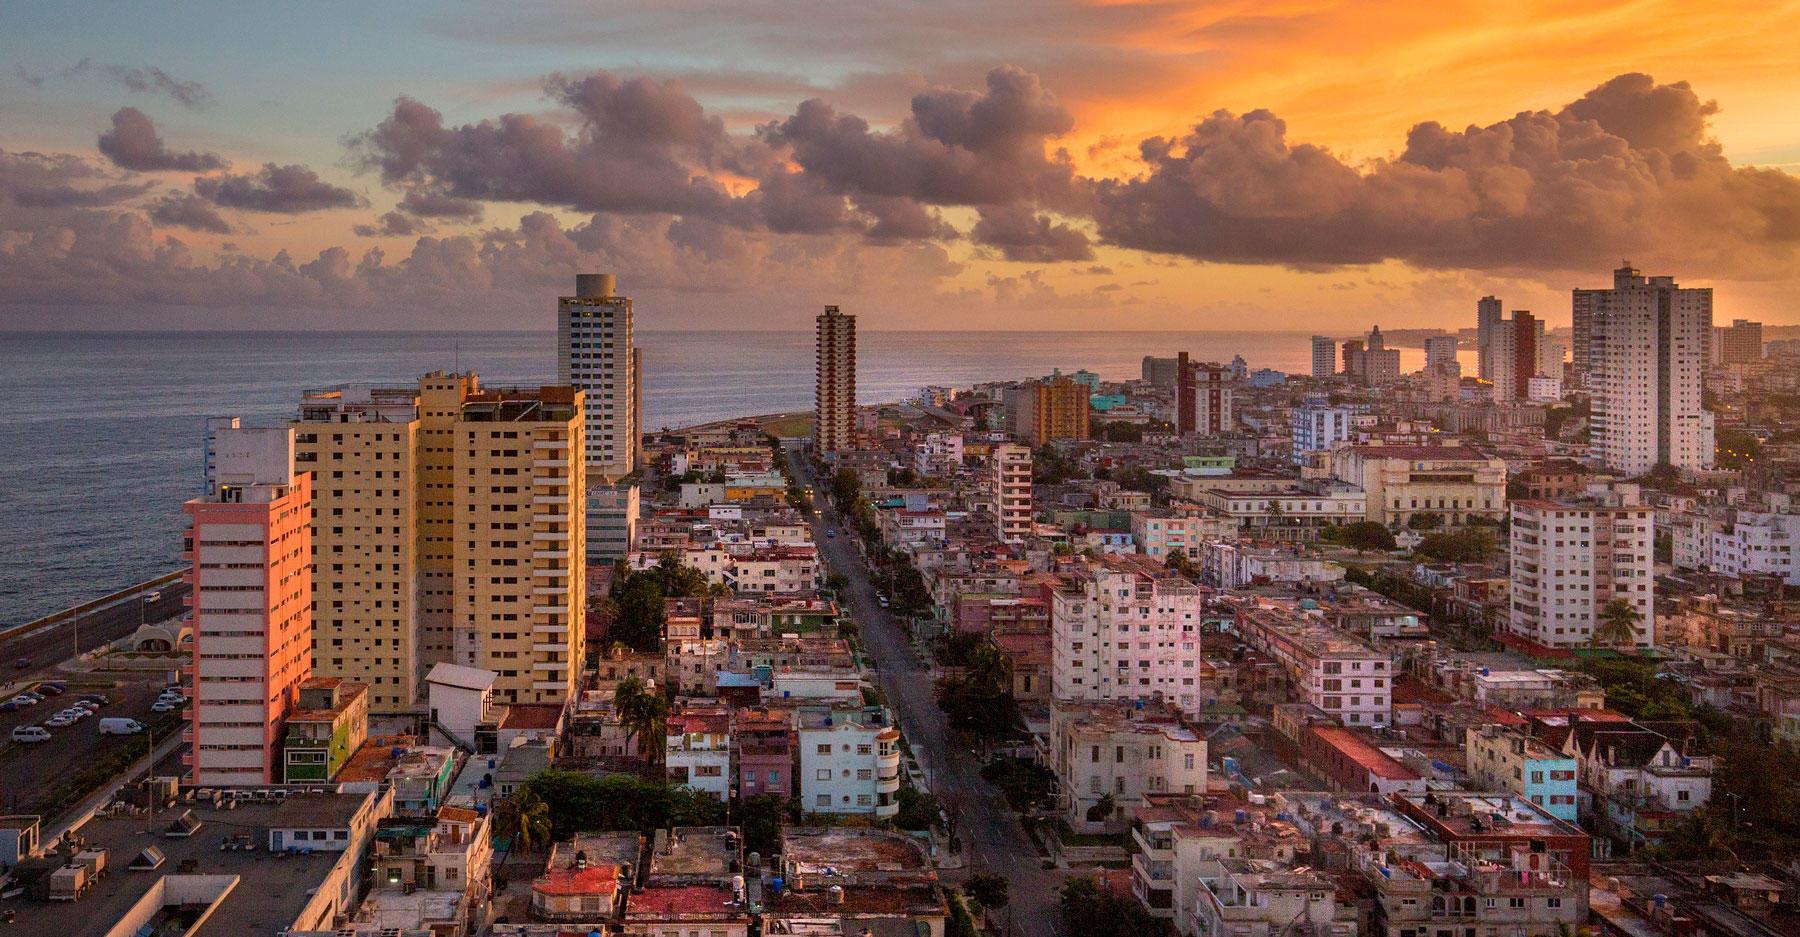 The Havana, Cuba skyline at dusk.